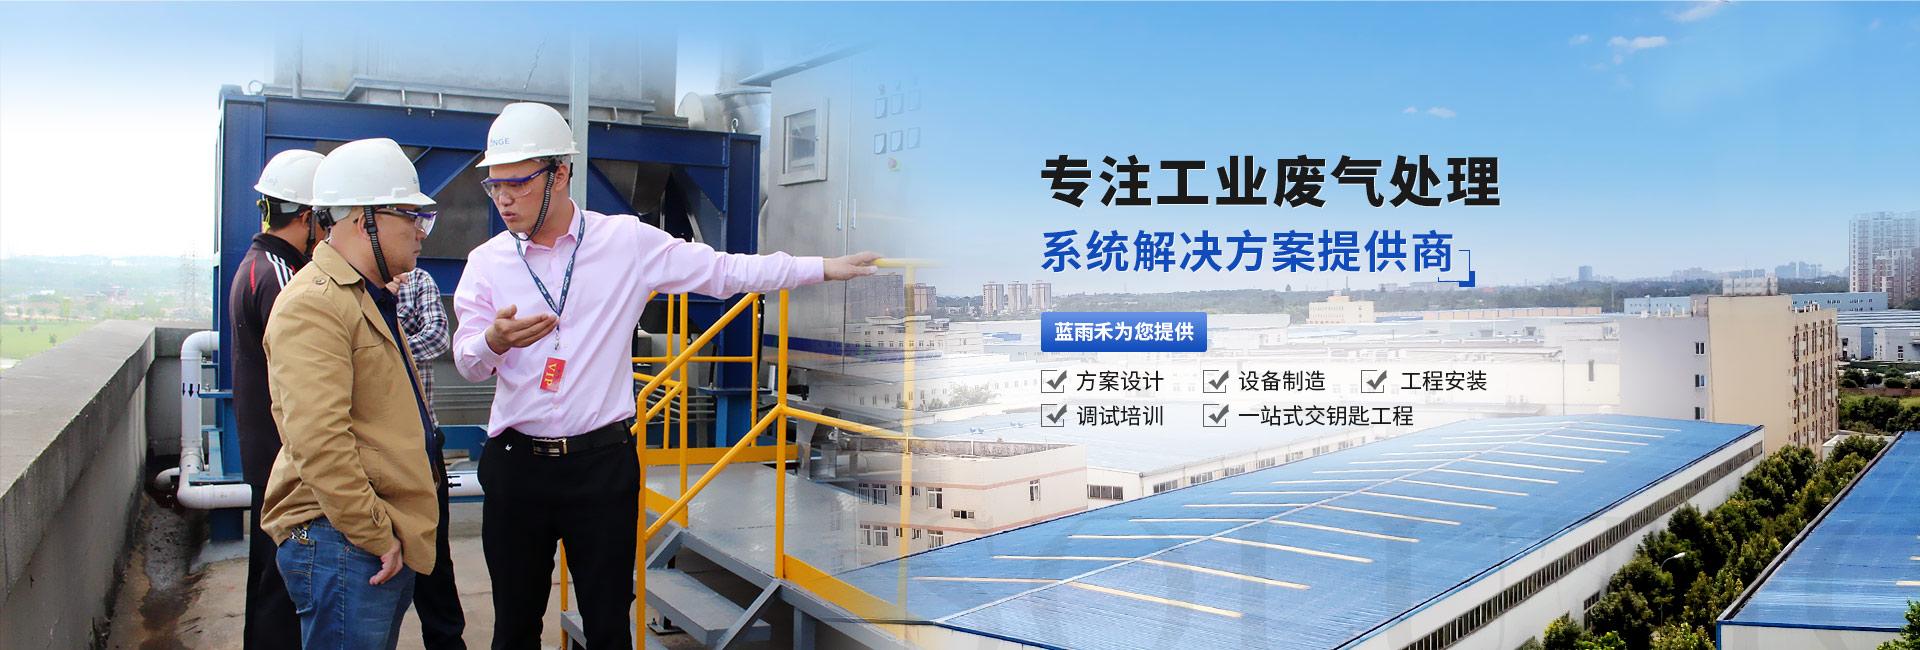 蓝雨禾环保 专注工业废气处理